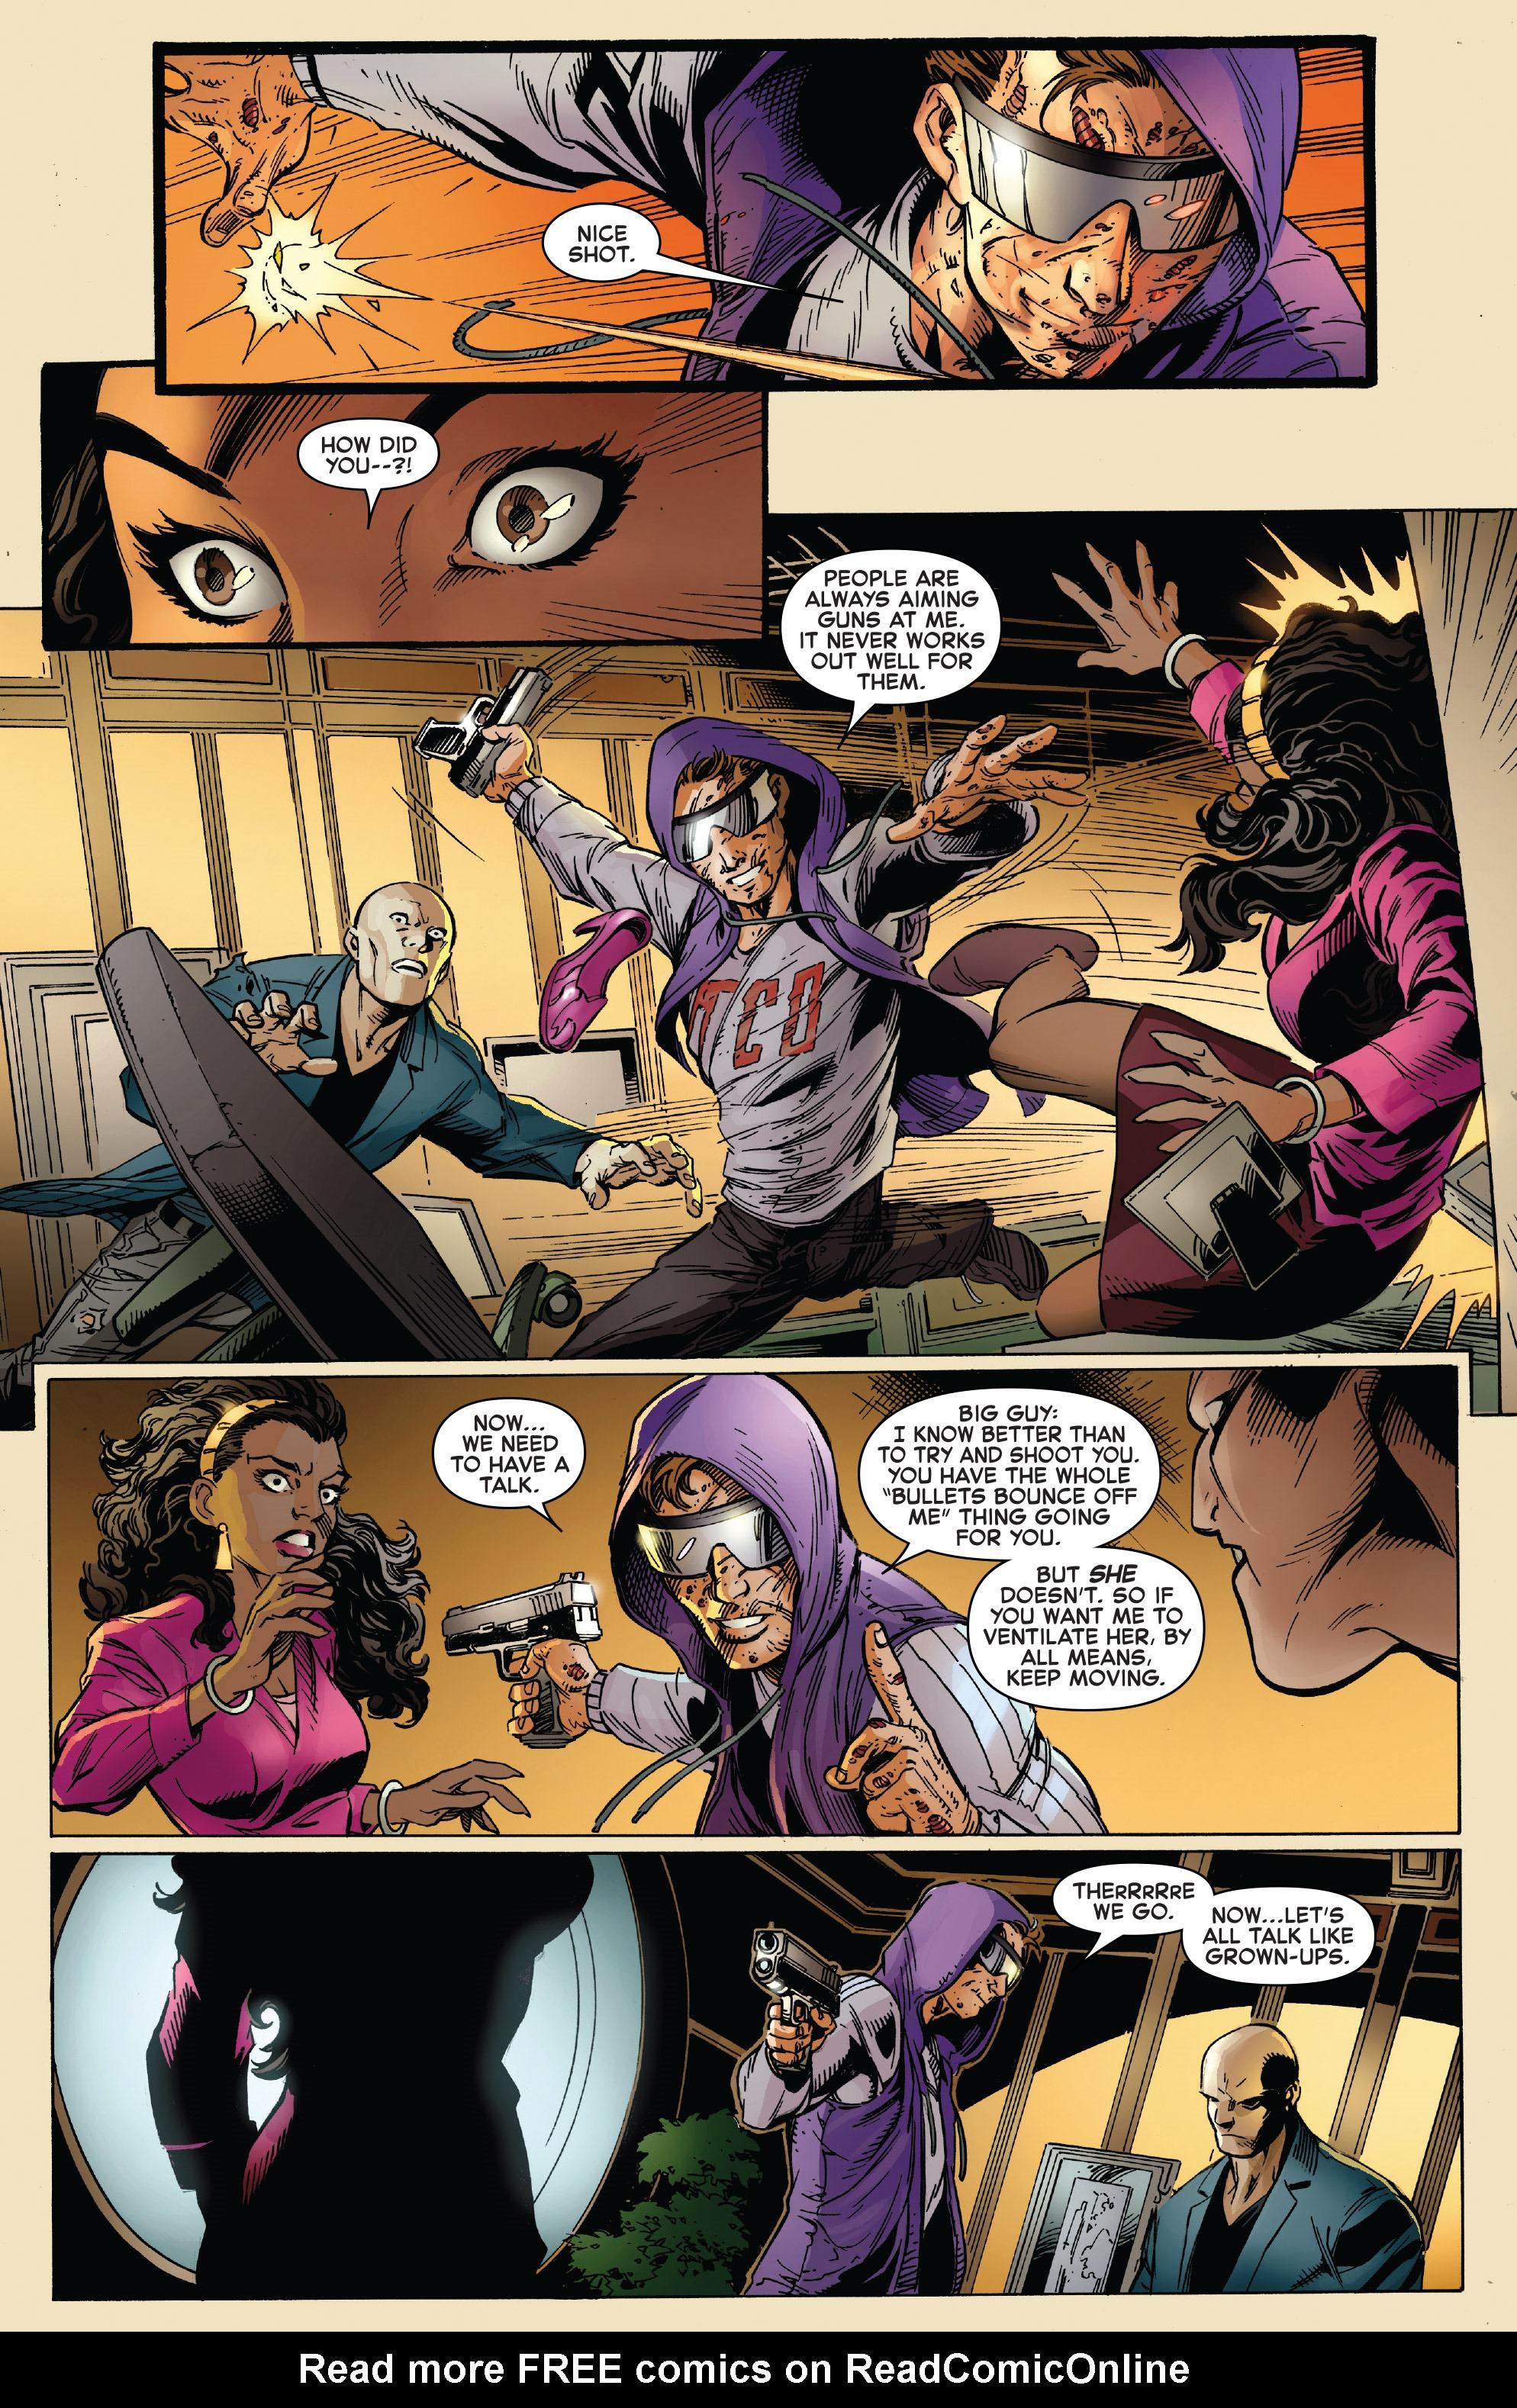 Read online Ben Reilly: Scarlet Spider comic -  Issue #2 - 4